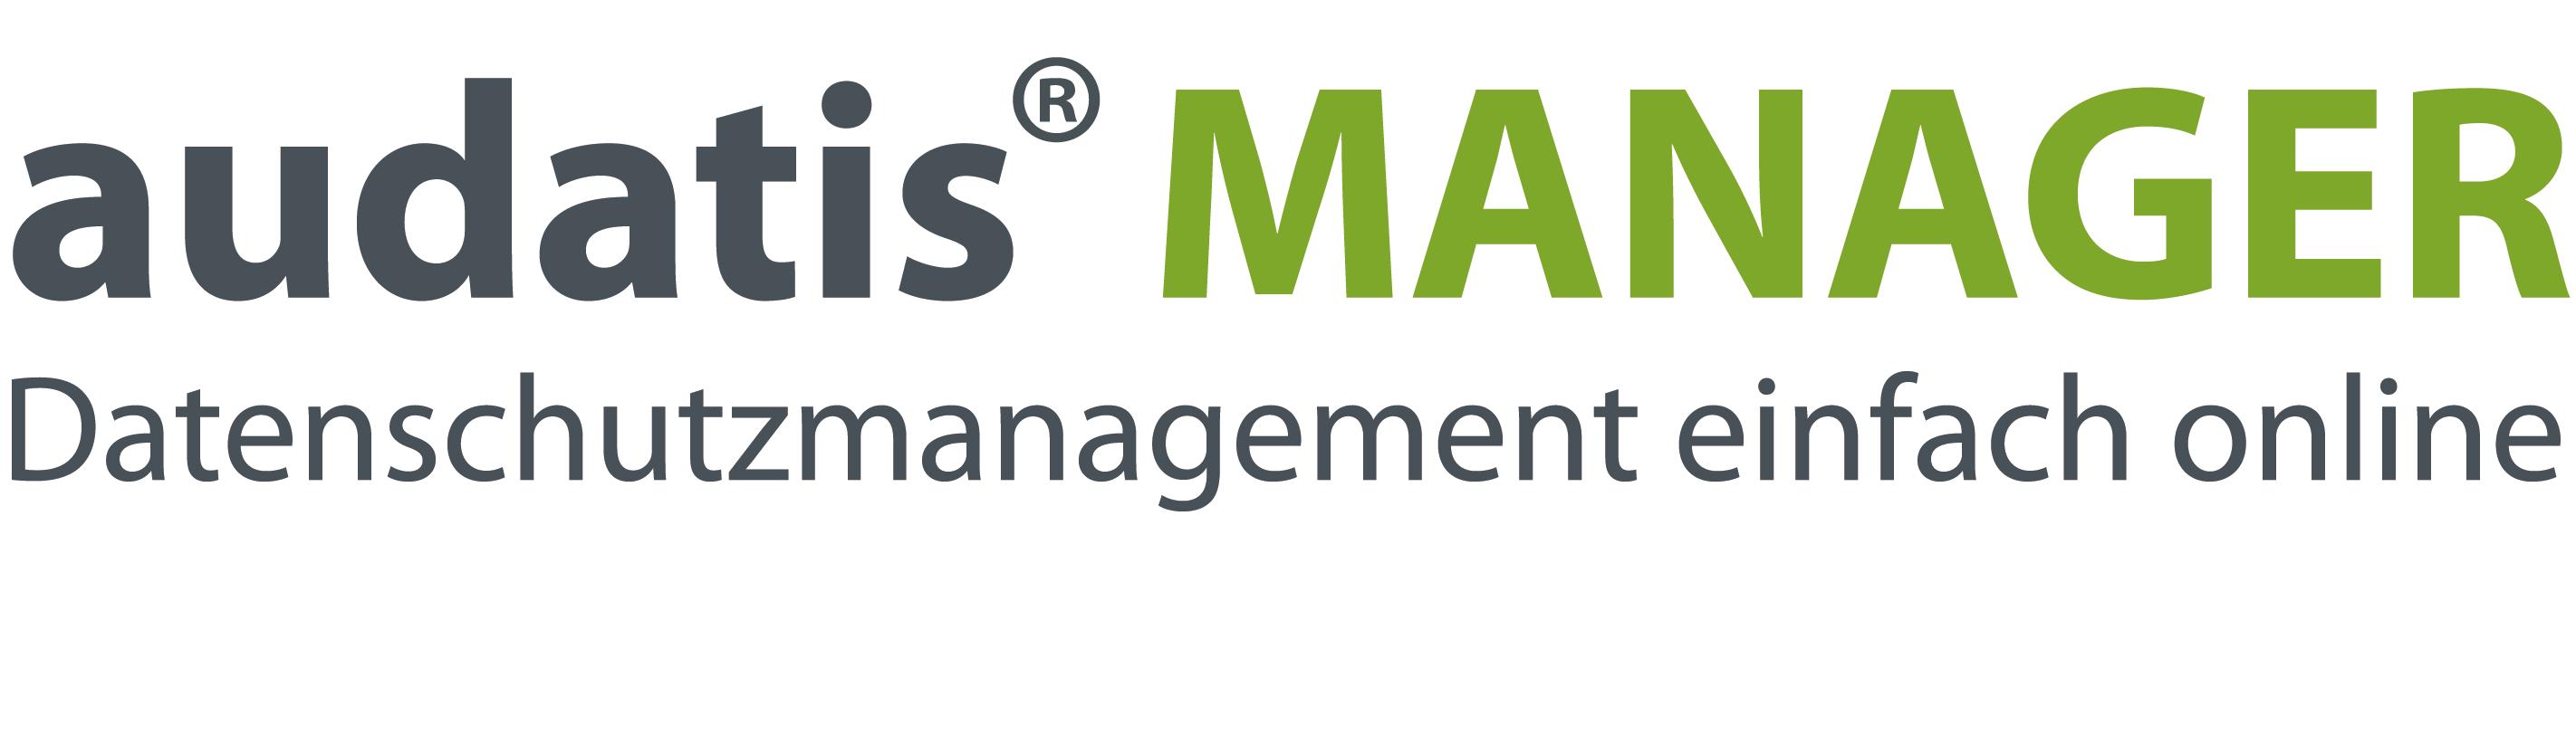 audatis_MANAGER_Logo